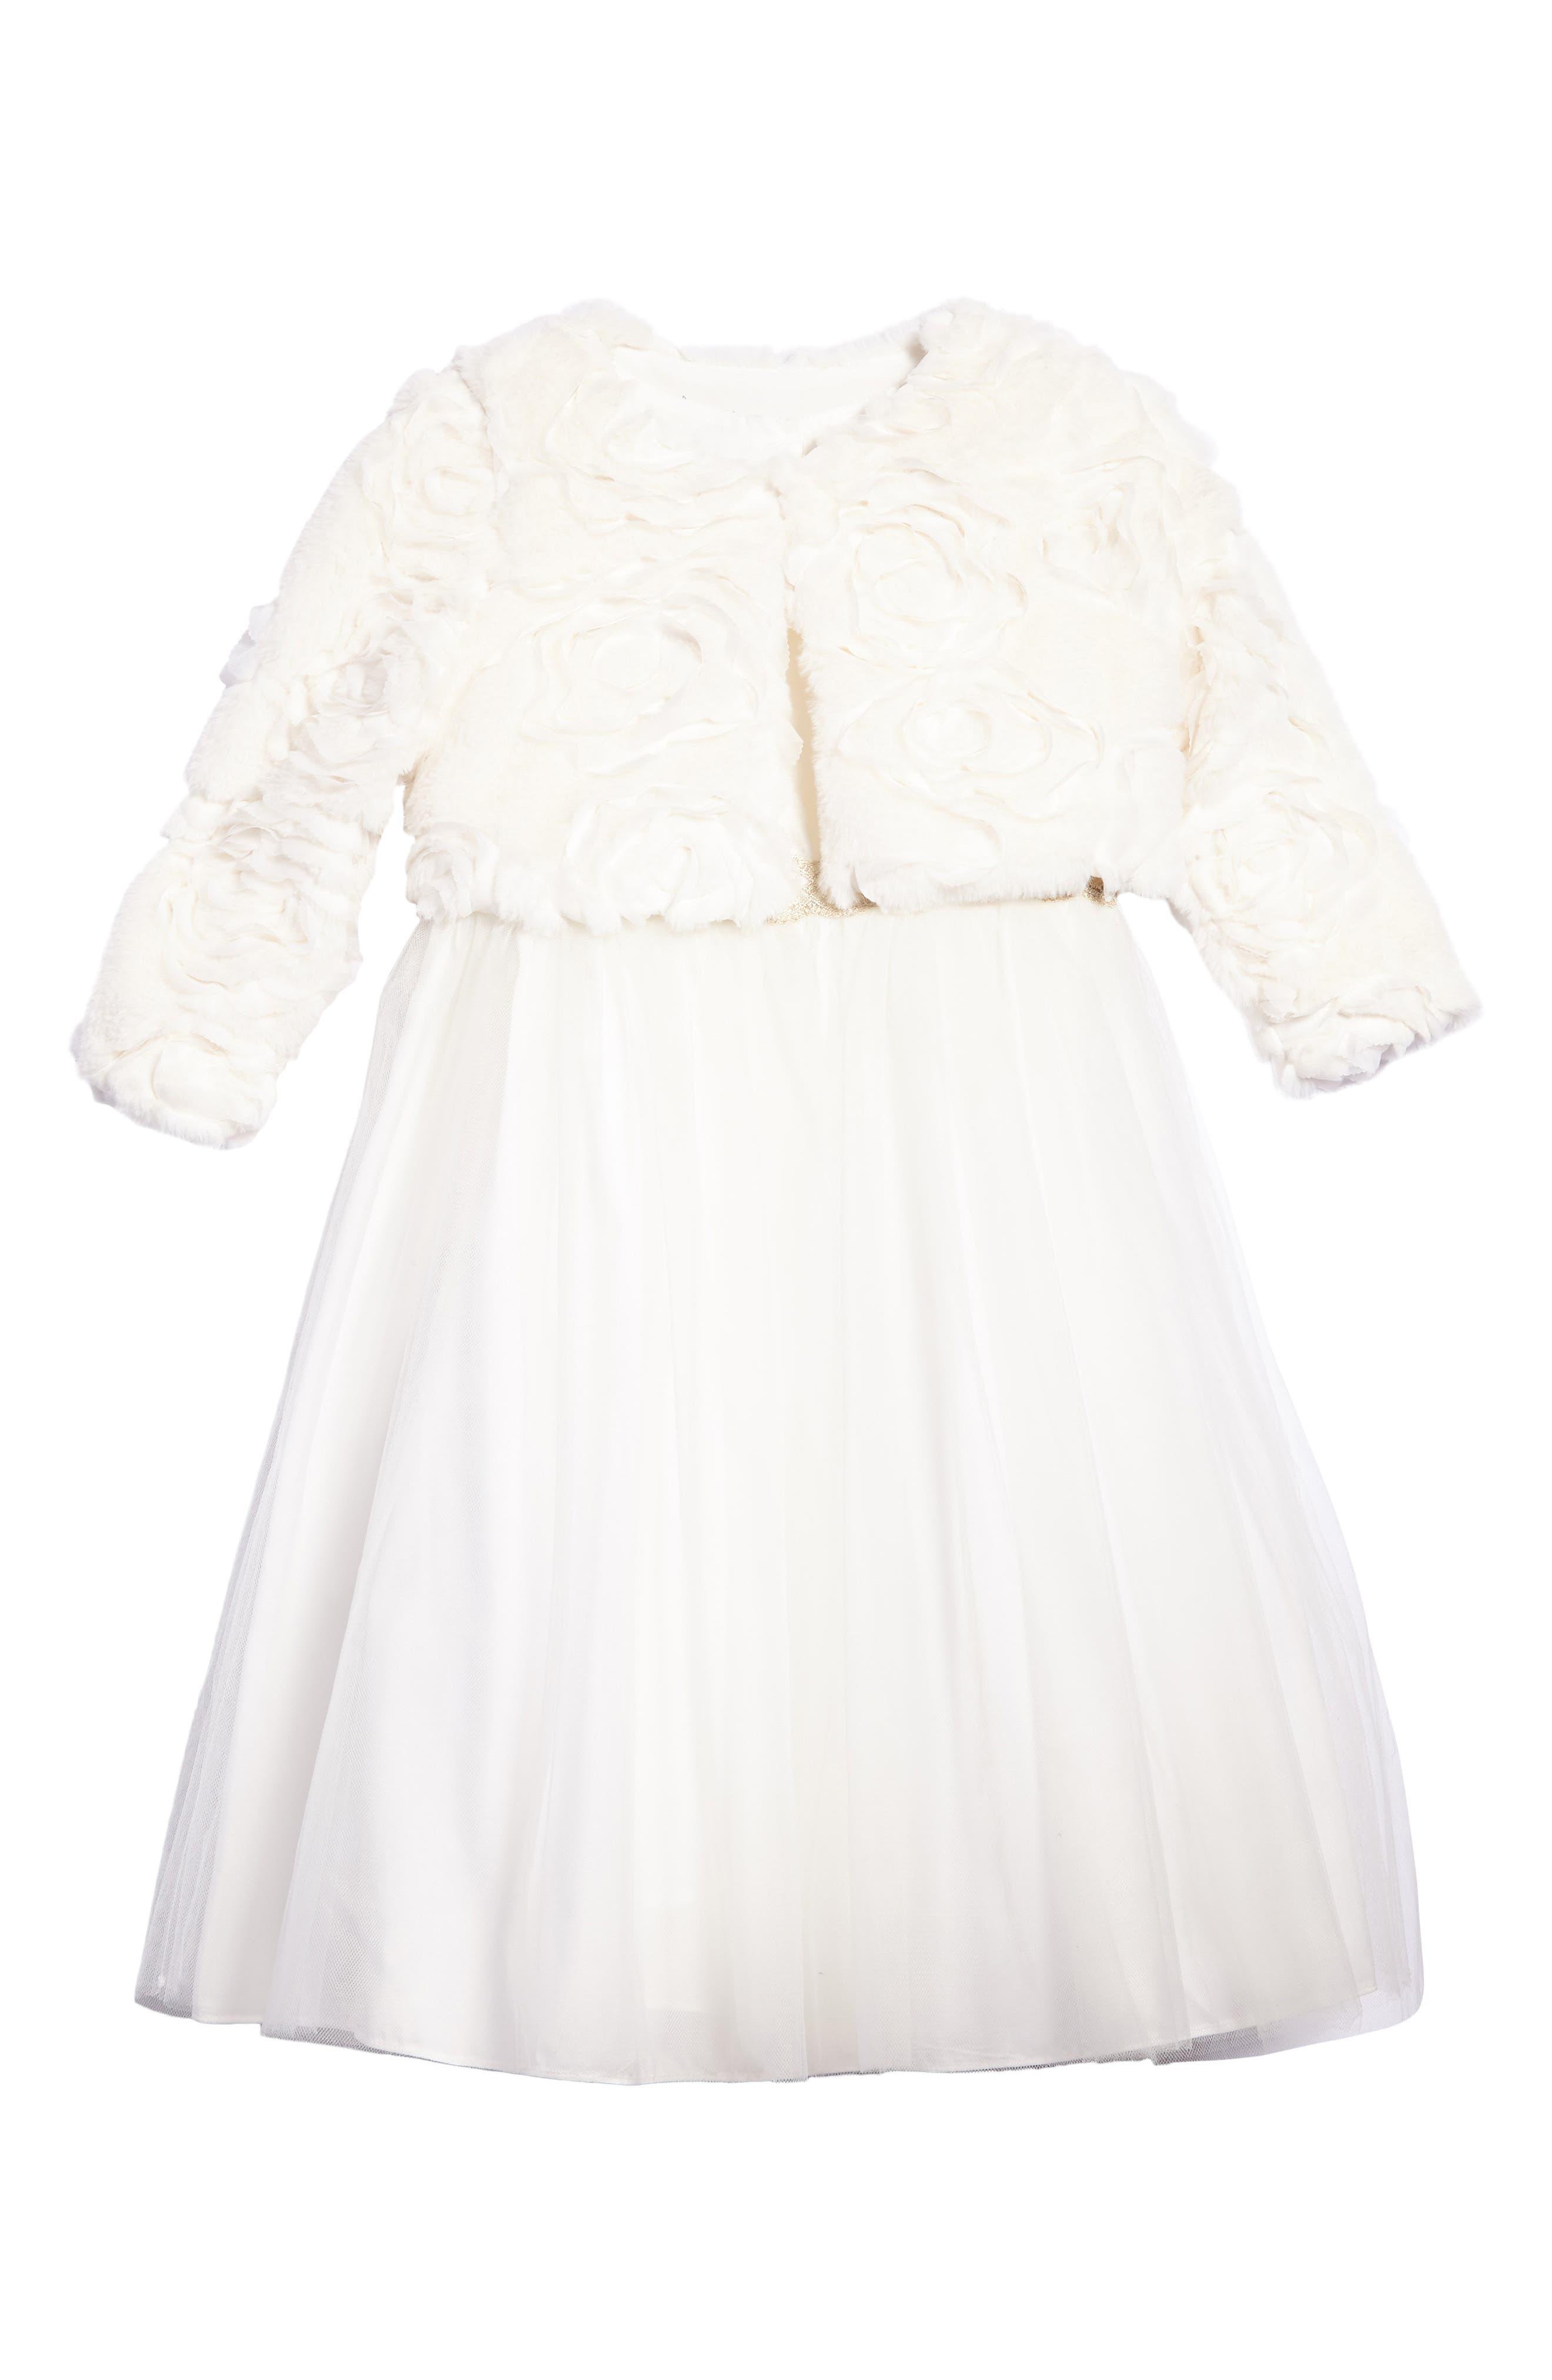 Main Image - Pippa & Julie Faux Fur Jacket & Dress Set (Toddler Girls, Little Girls & Big Girls)